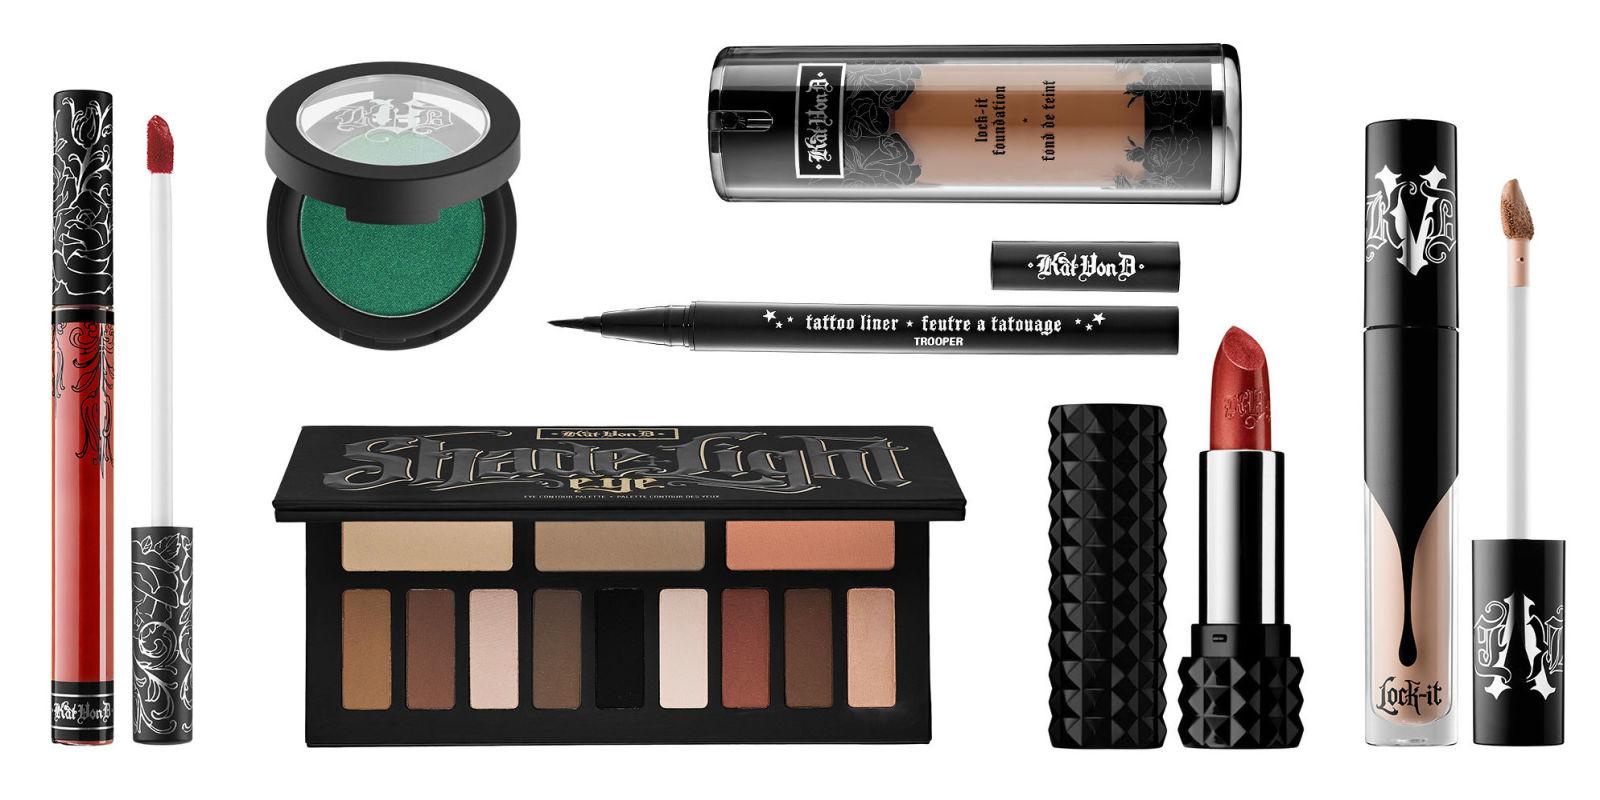 12 Best Kat Von D Makeup Products 2018 Kat Von D